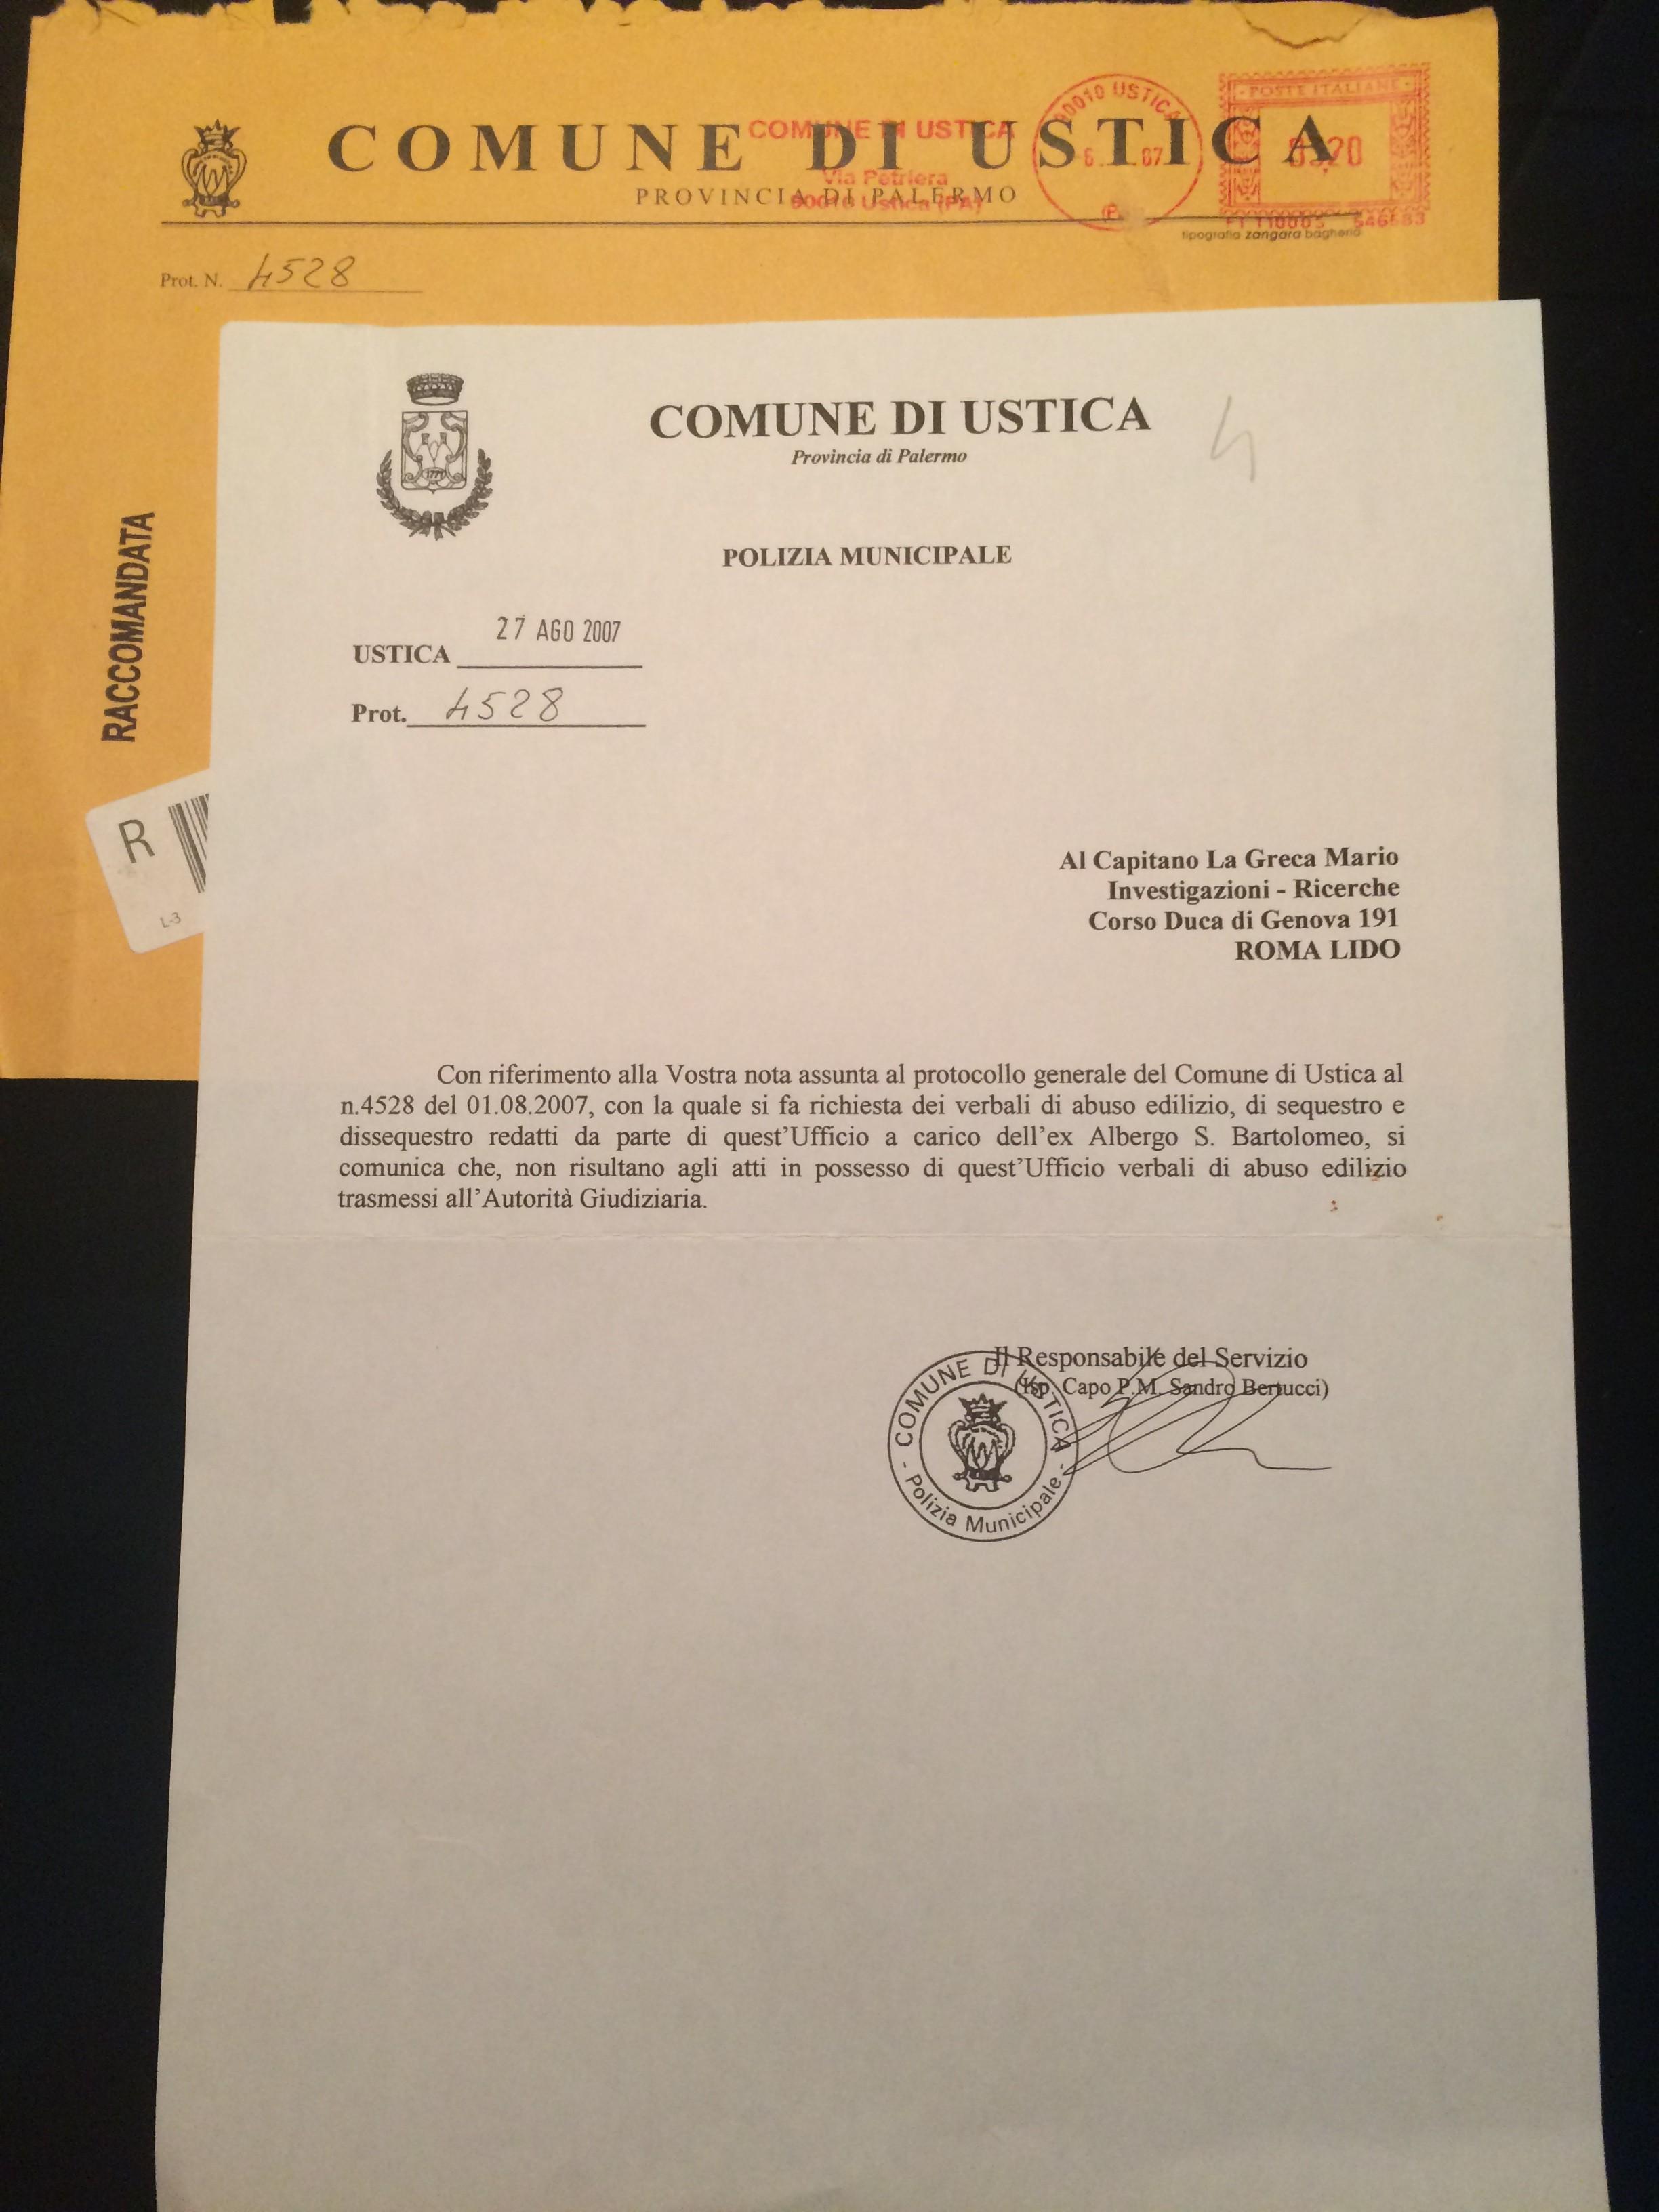 Ustica-Polizia-Municipale-e1457304823130